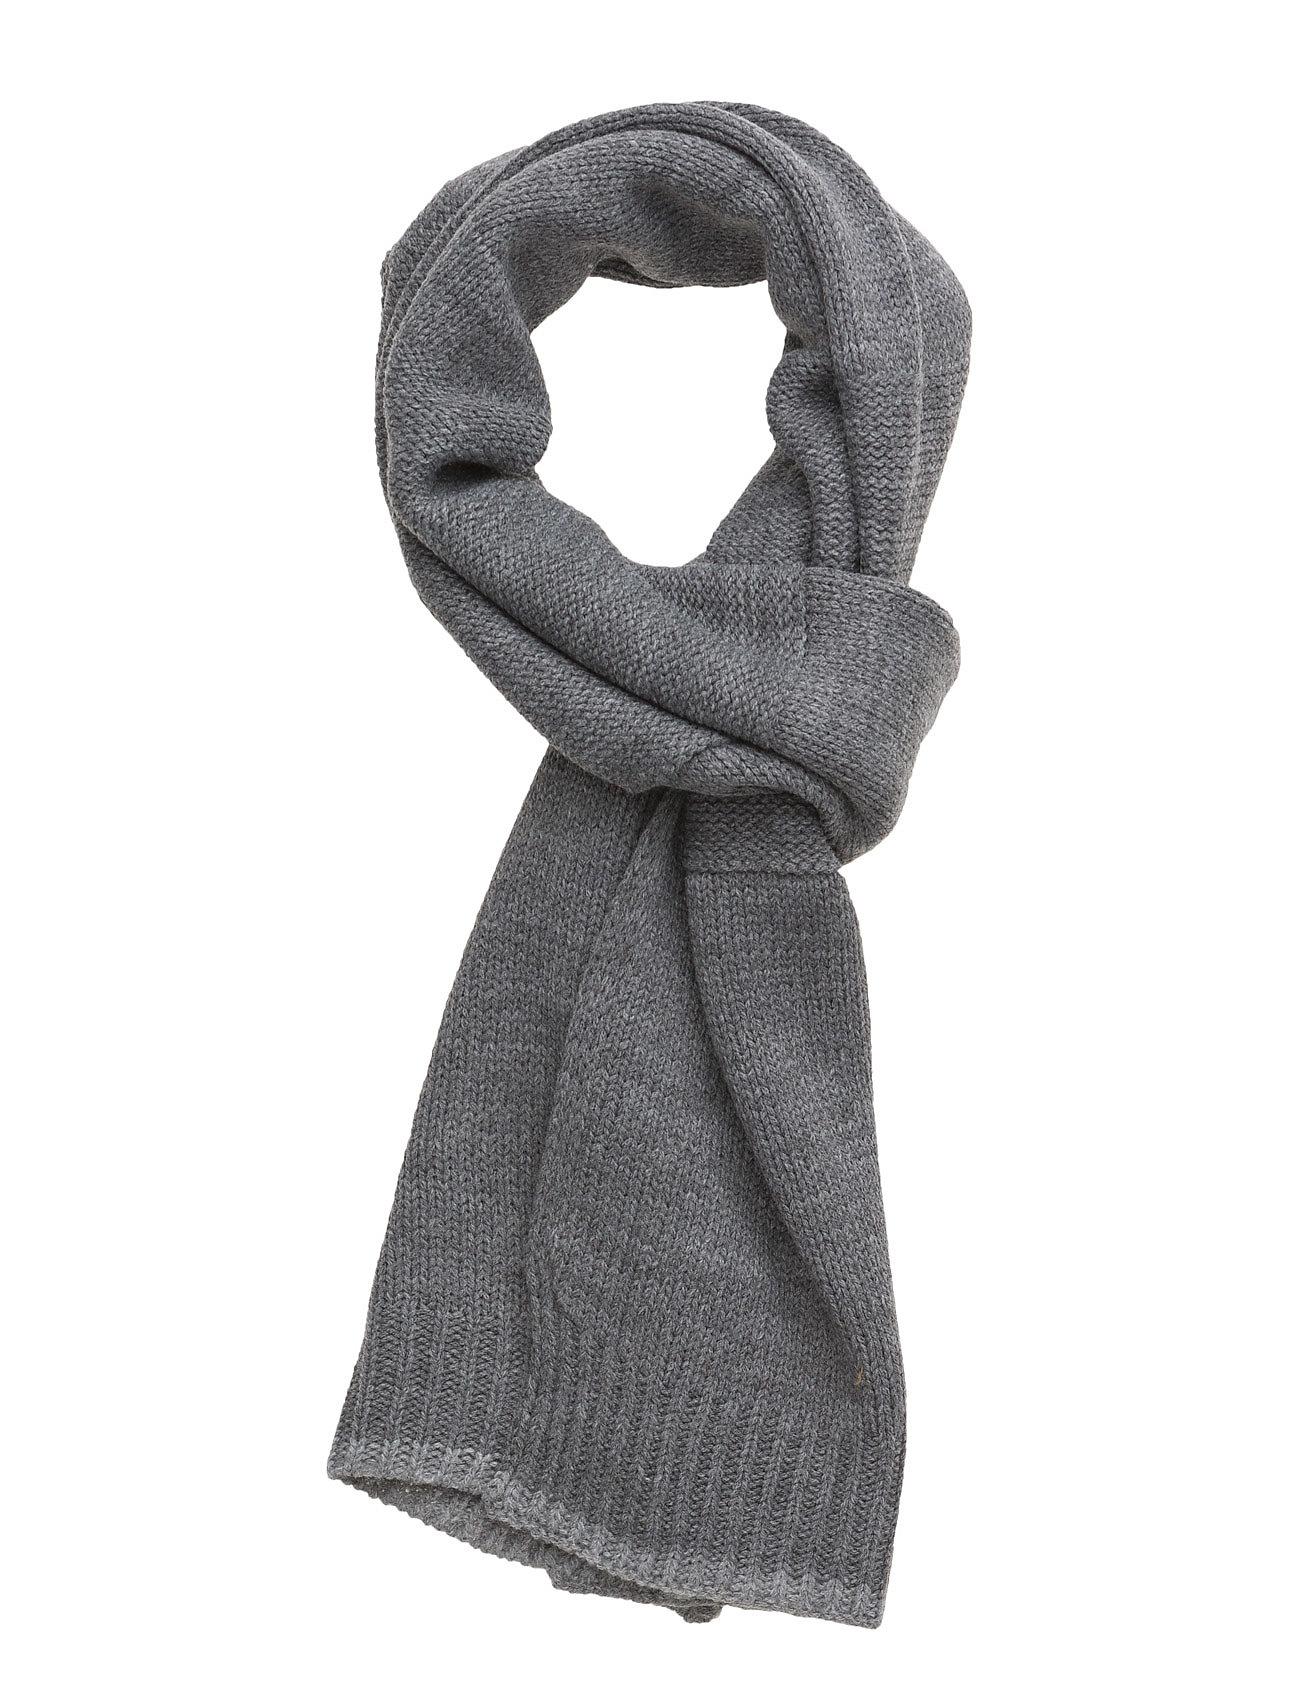 S4m4 Scarf 020, Os Calvin Klein Halstørklæder til Herrer i